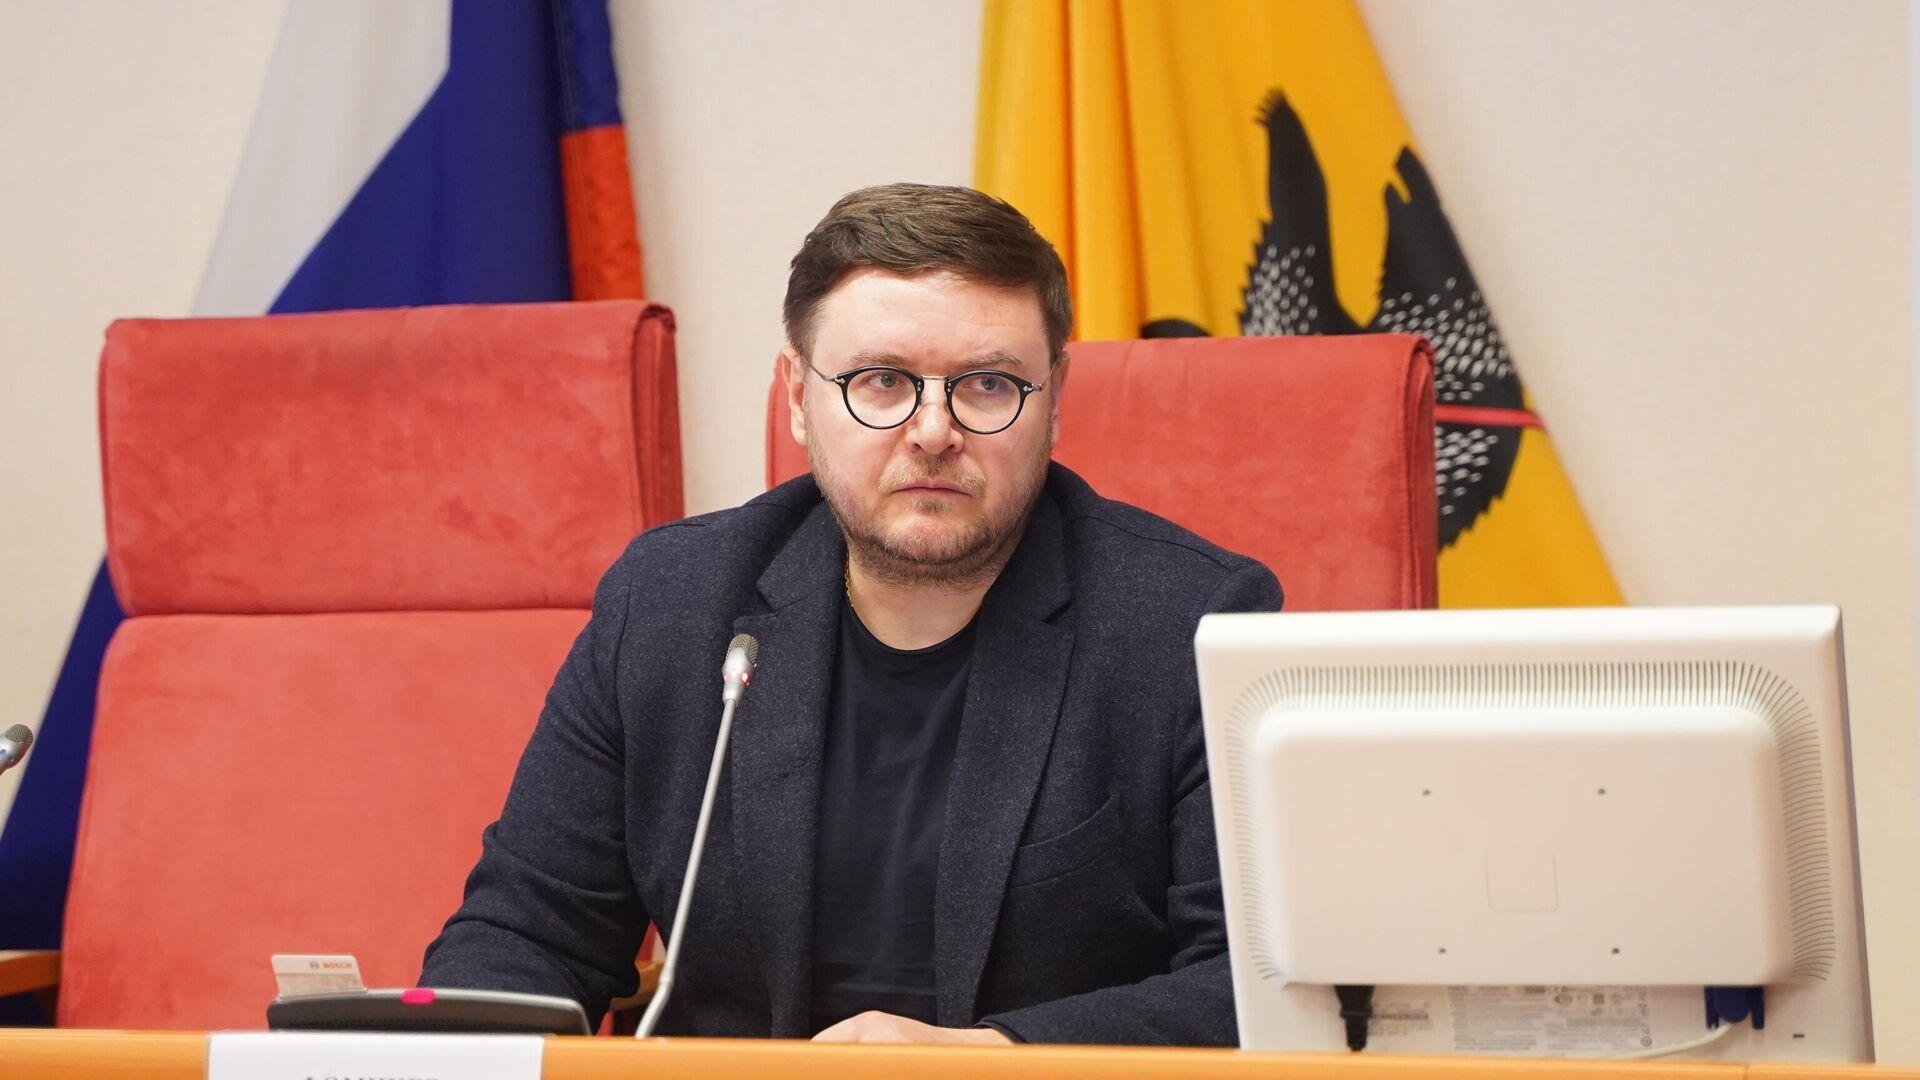 Заммэра Пензы уволился после обвинений в коррупции